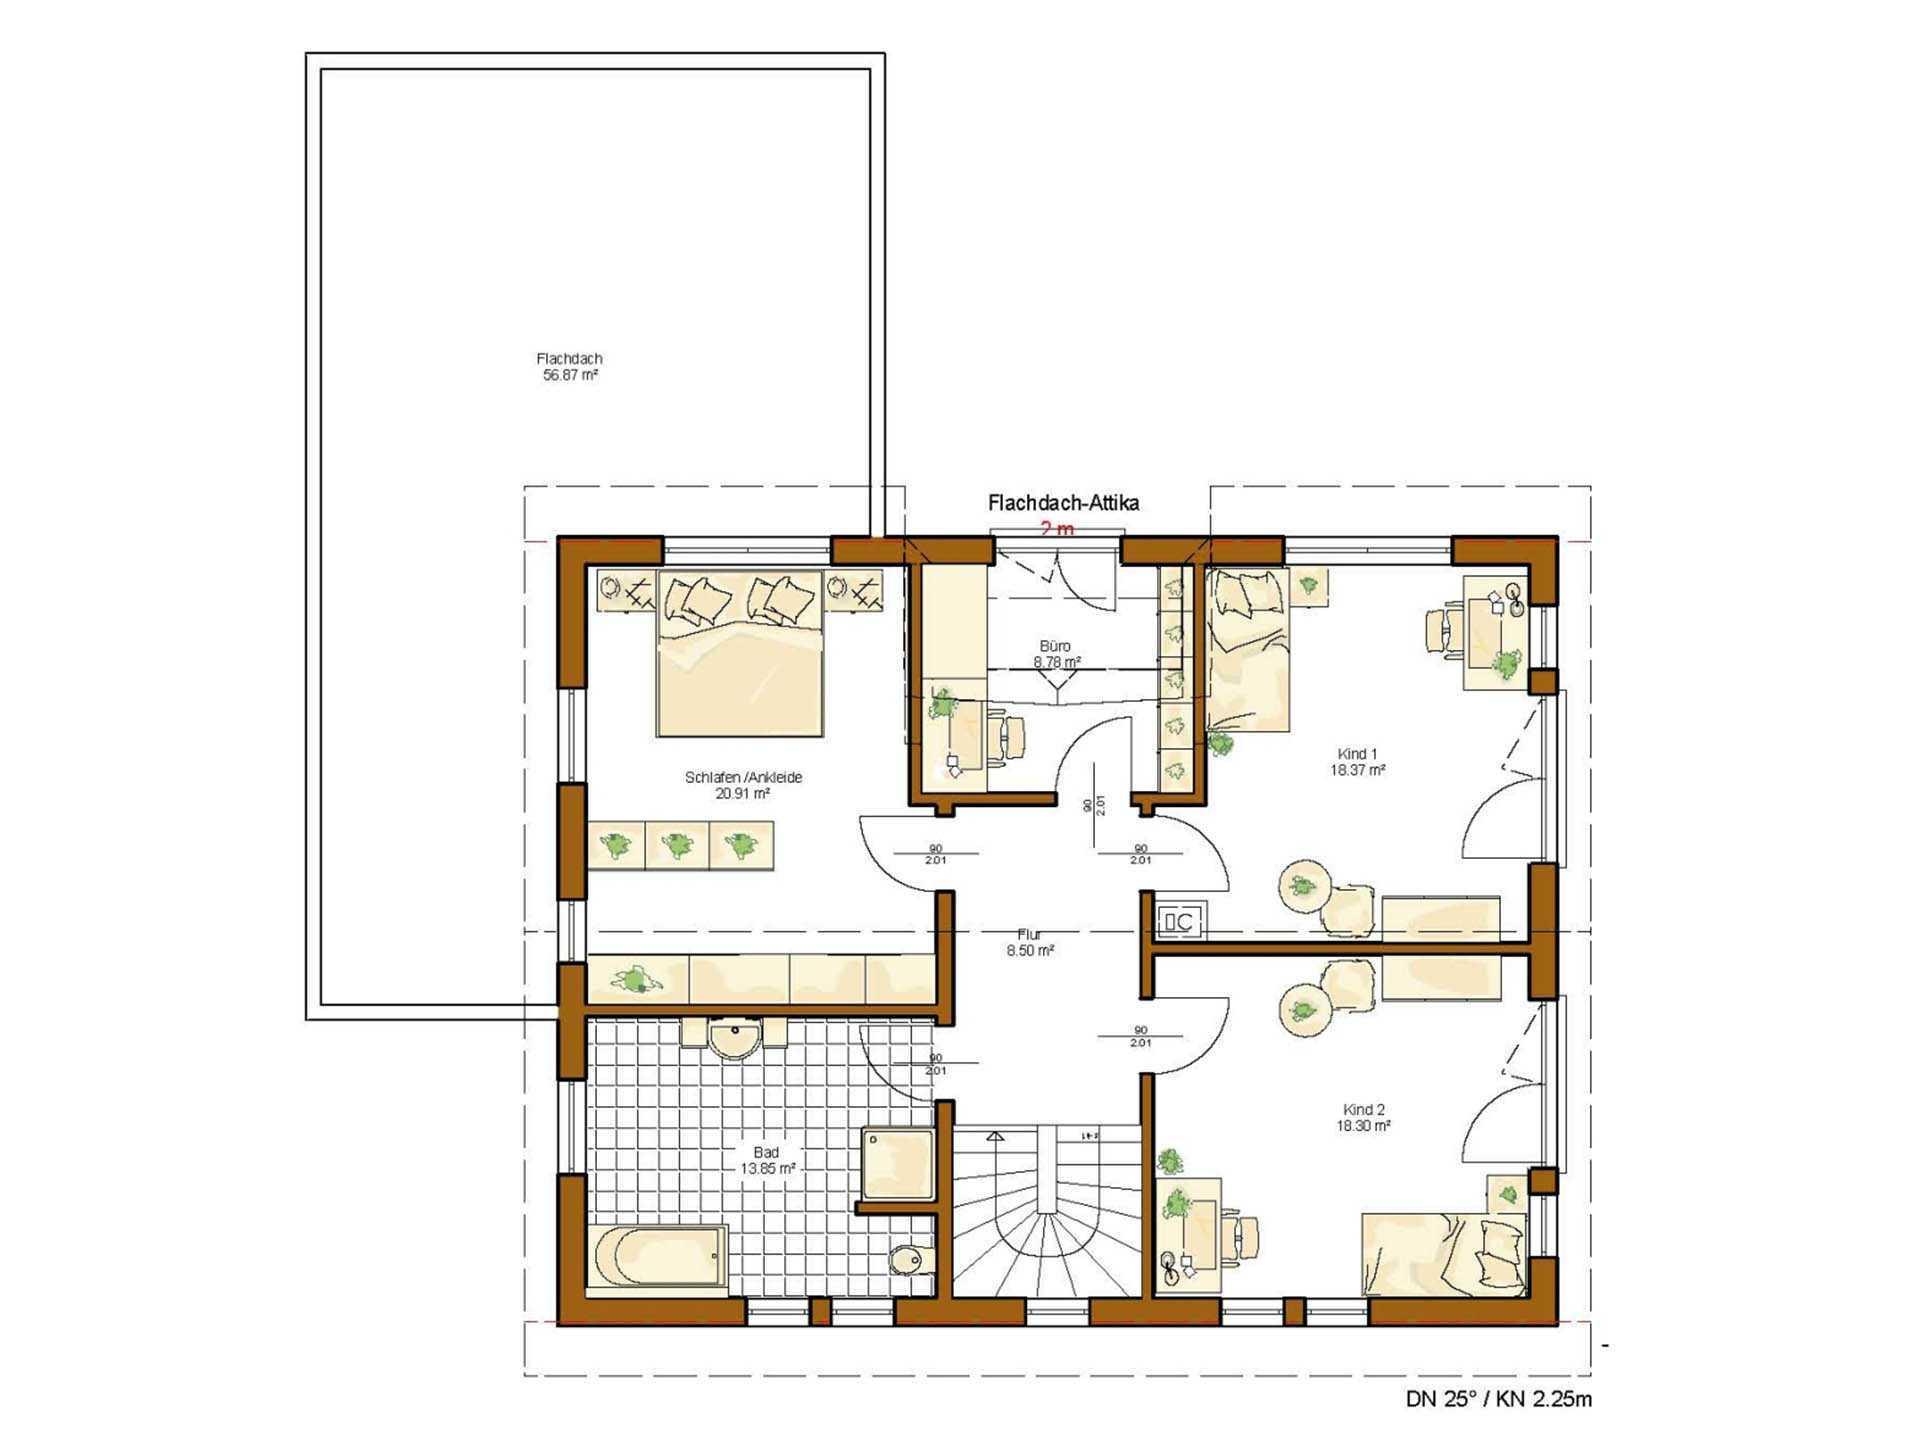 haus twinline r savona rensch haus. Black Bedroom Furniture Sets. Home Design Ideas